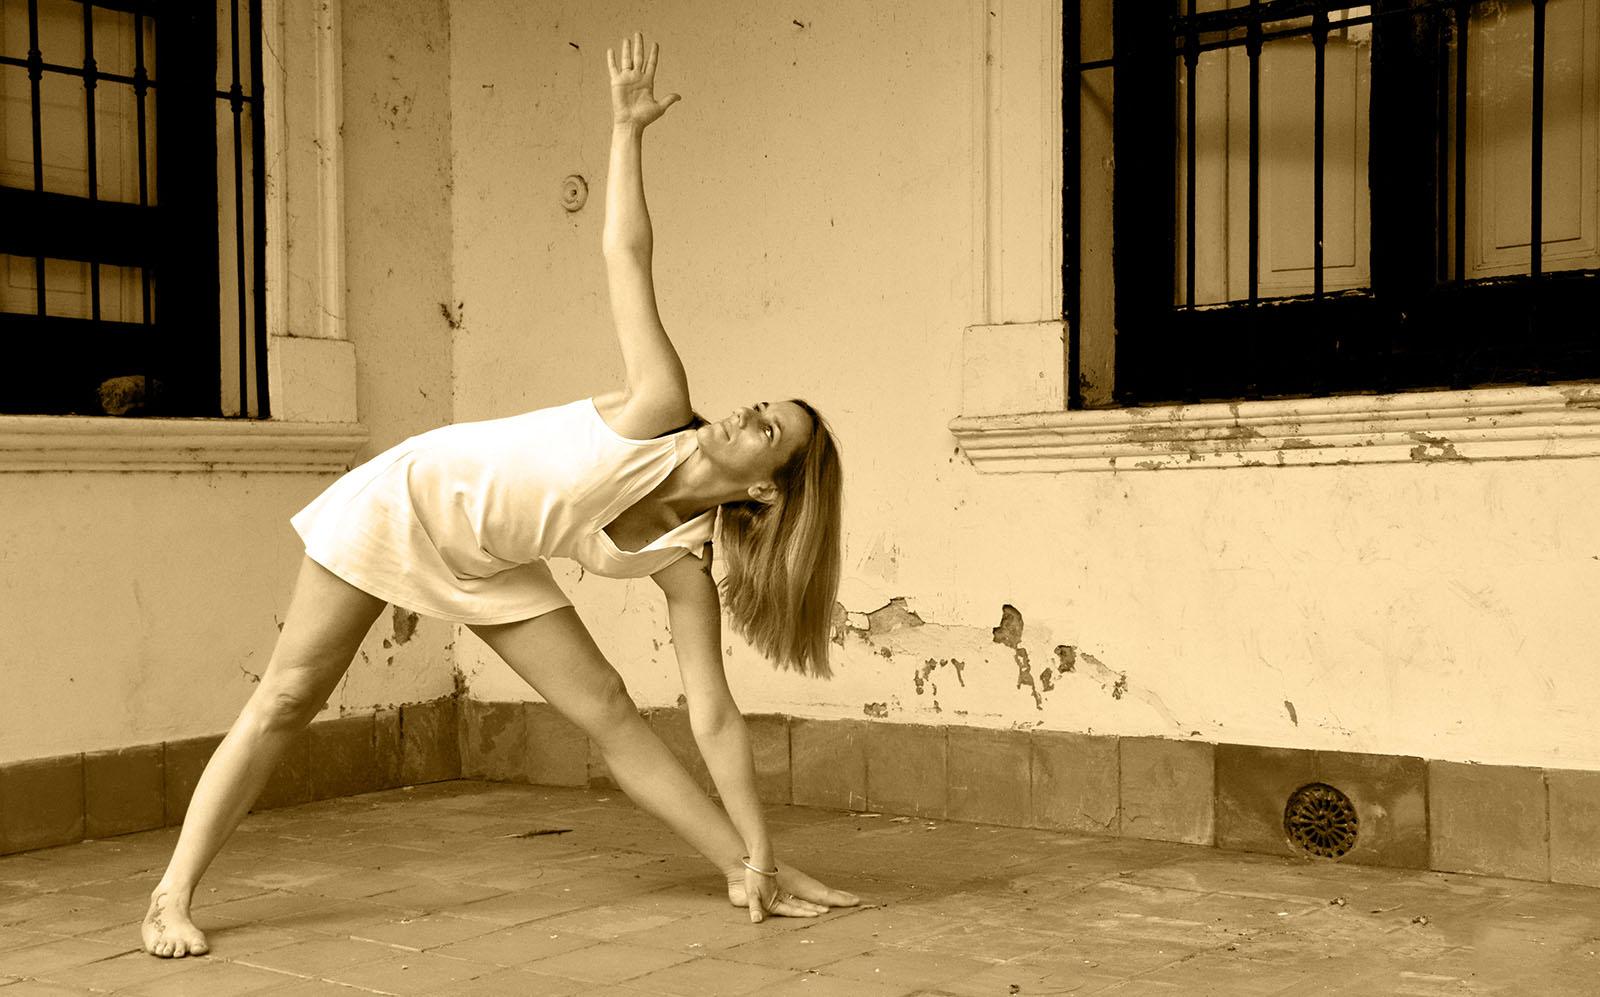 Hoy toca yoga.